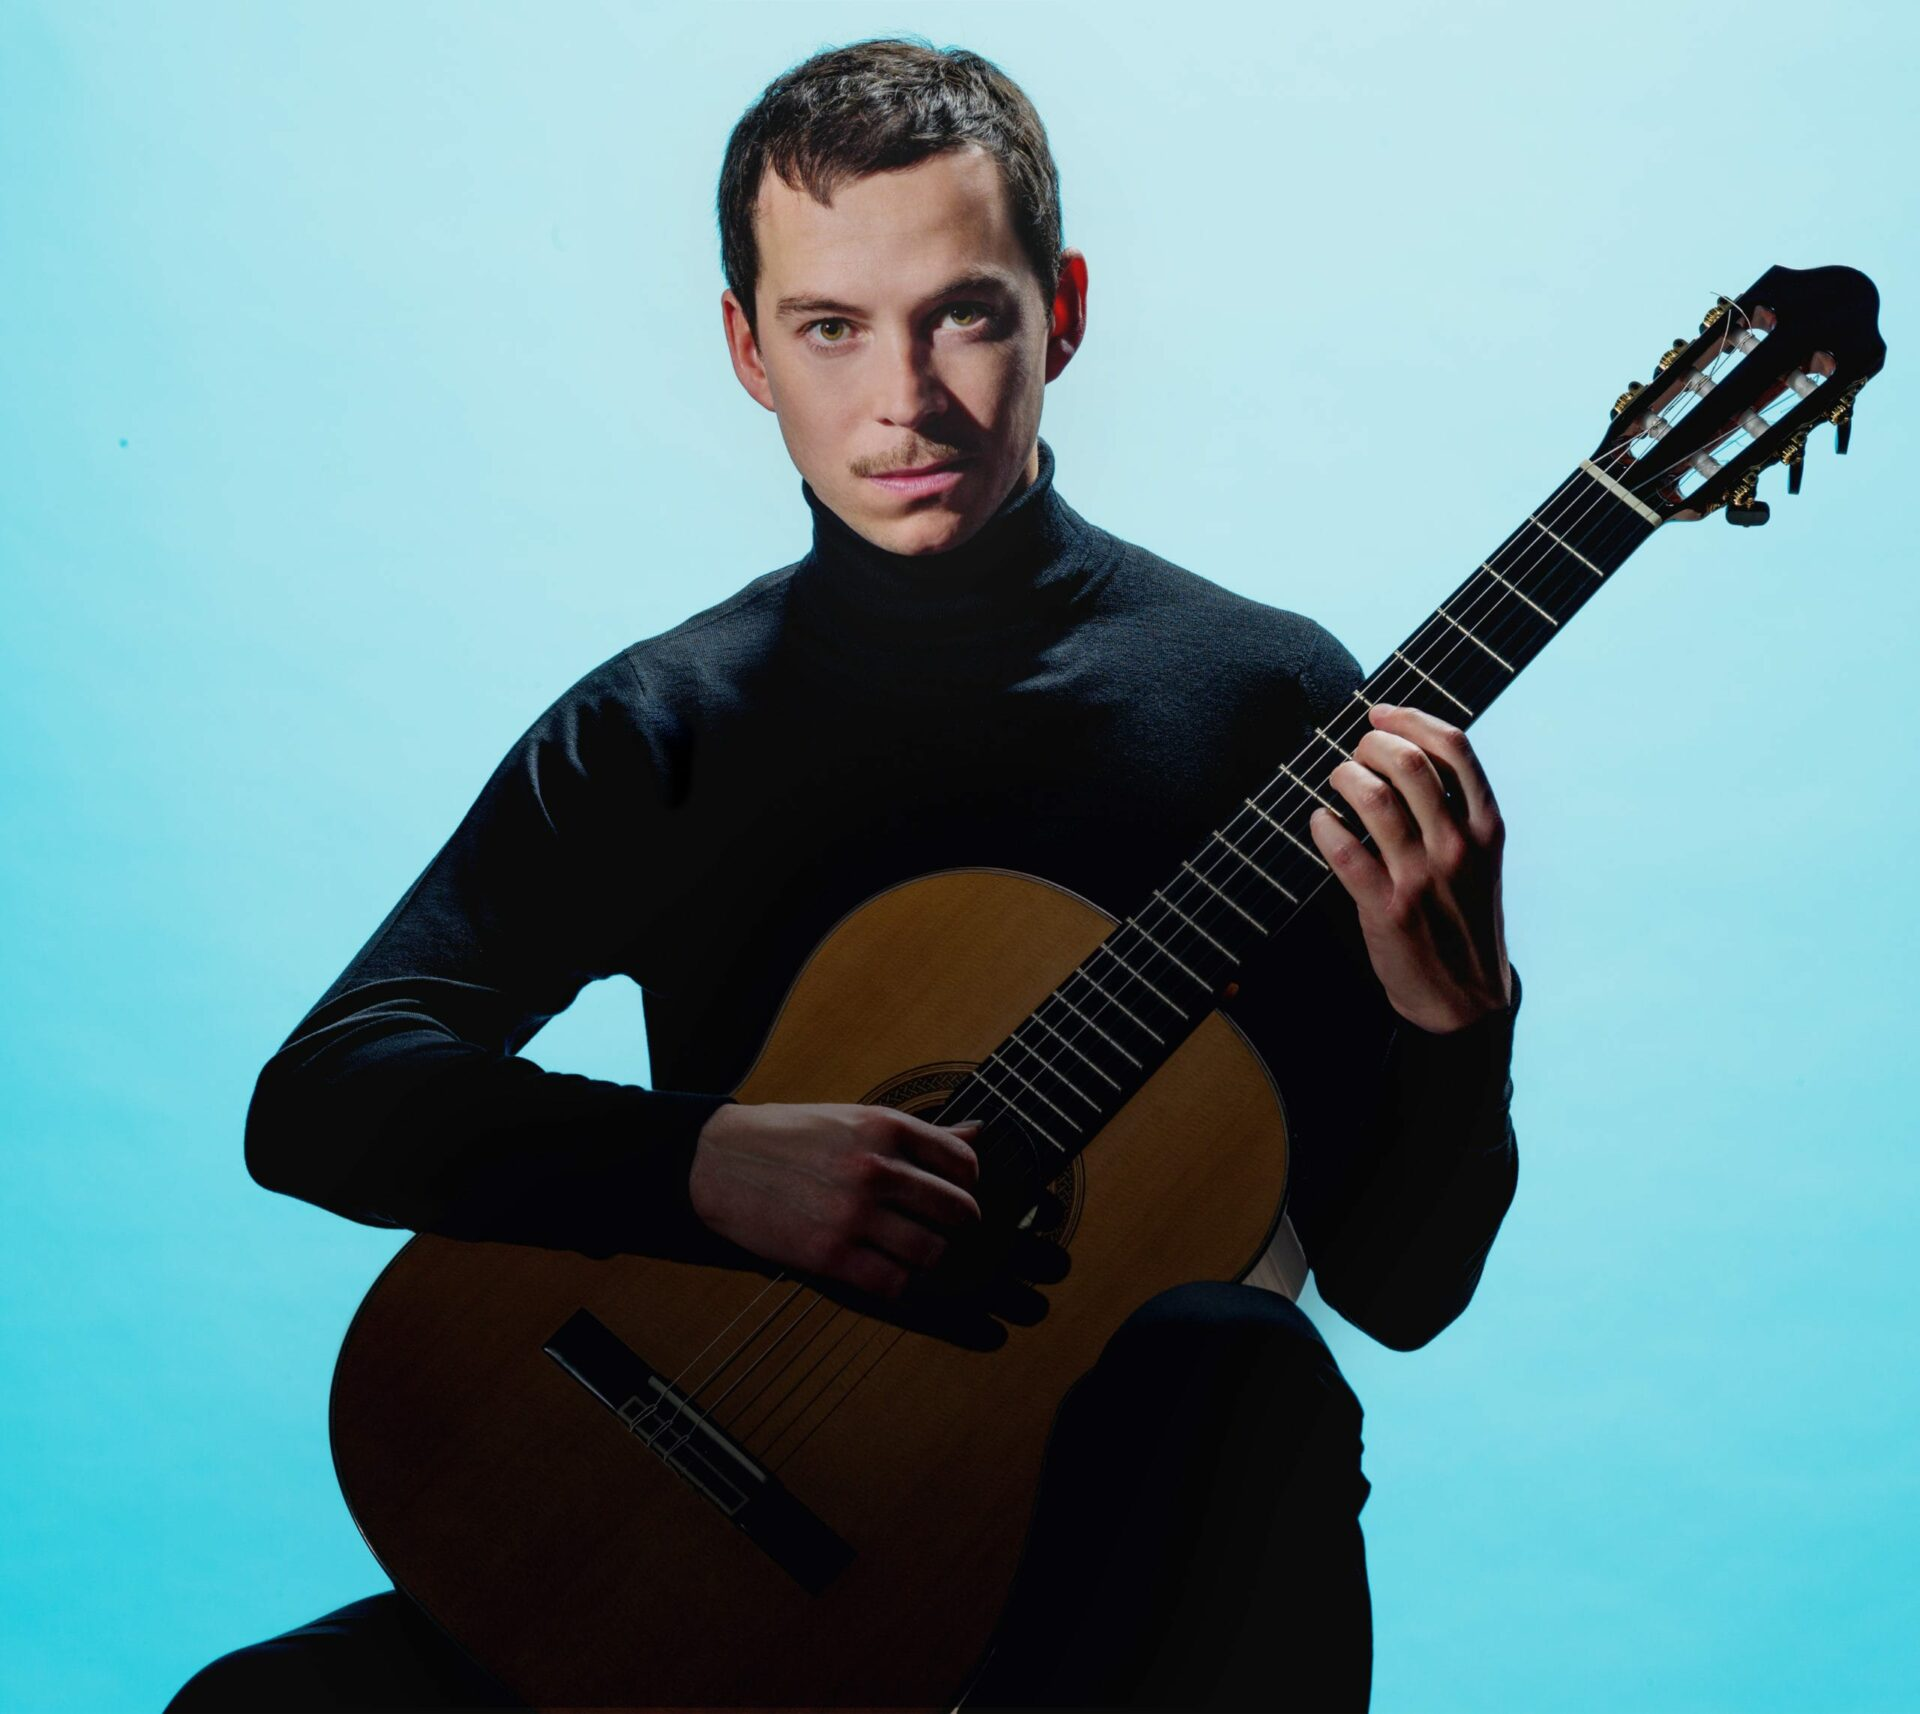 Thibault Cauvin est assis face à nous une guitare à la main et derrière lui se trouve un fond bleu ciel